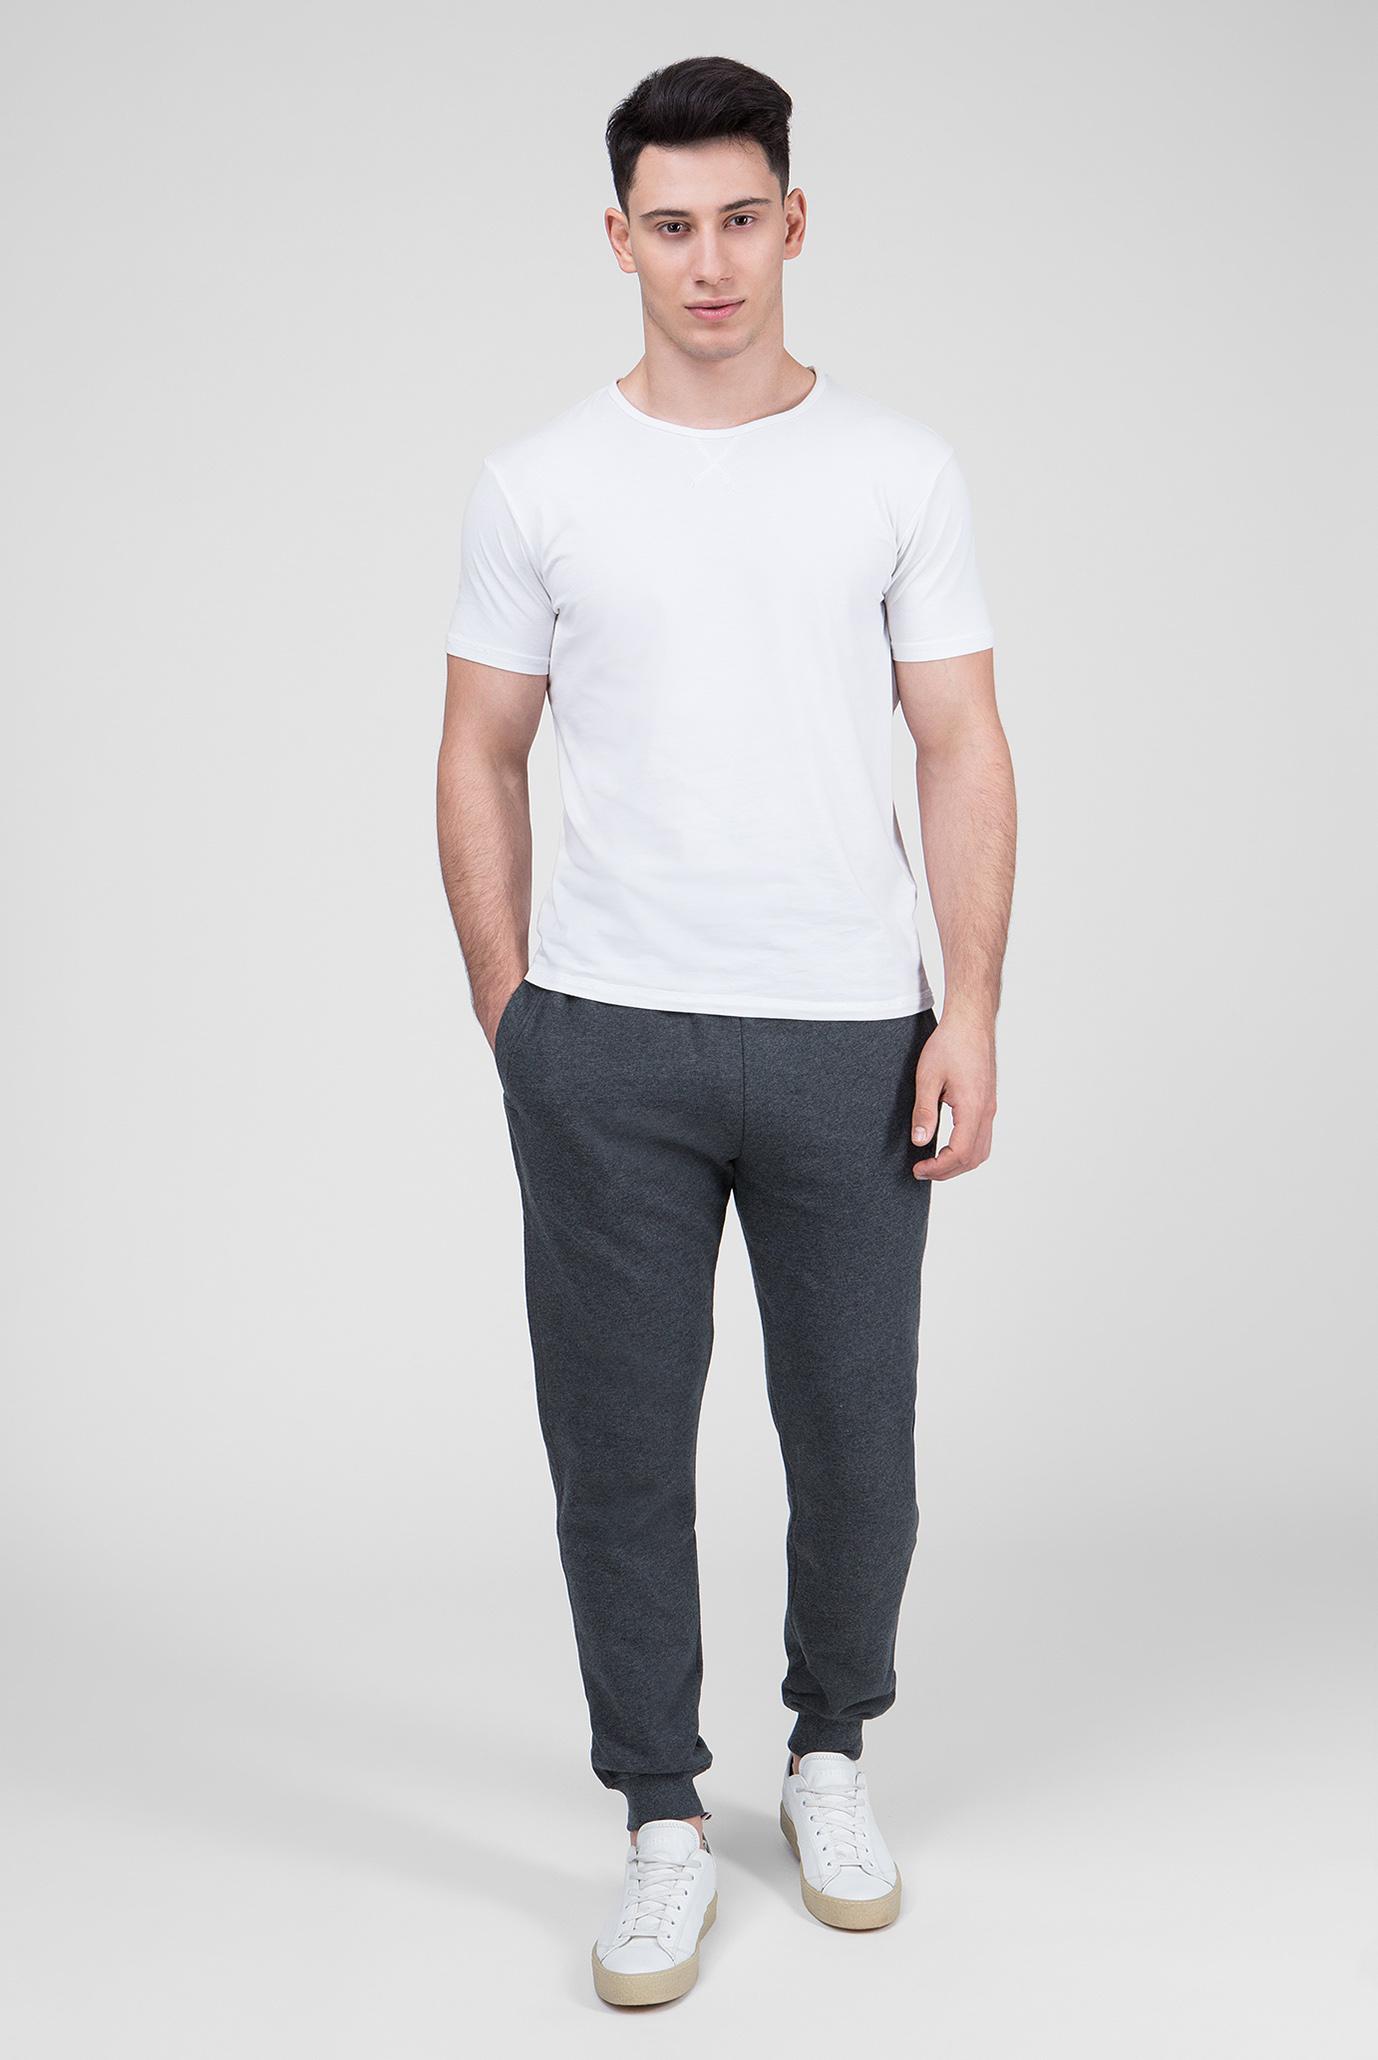 Купить Мужские серые спортивные брюки HUGEN Pepe Jeans Pepe Jeans PM211187 – Киев, Украина. Цены в интернет магазине MD Fashion